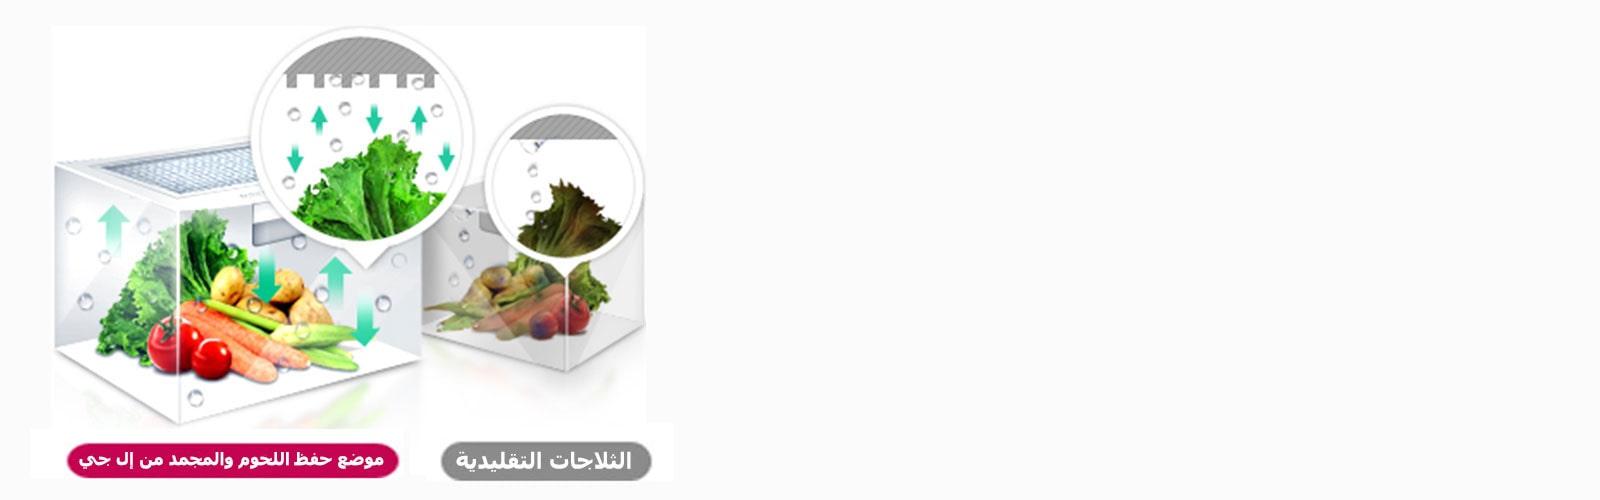 lg-refrigerator-lansen-feature_Moist_Balance_Crisper_D_V1